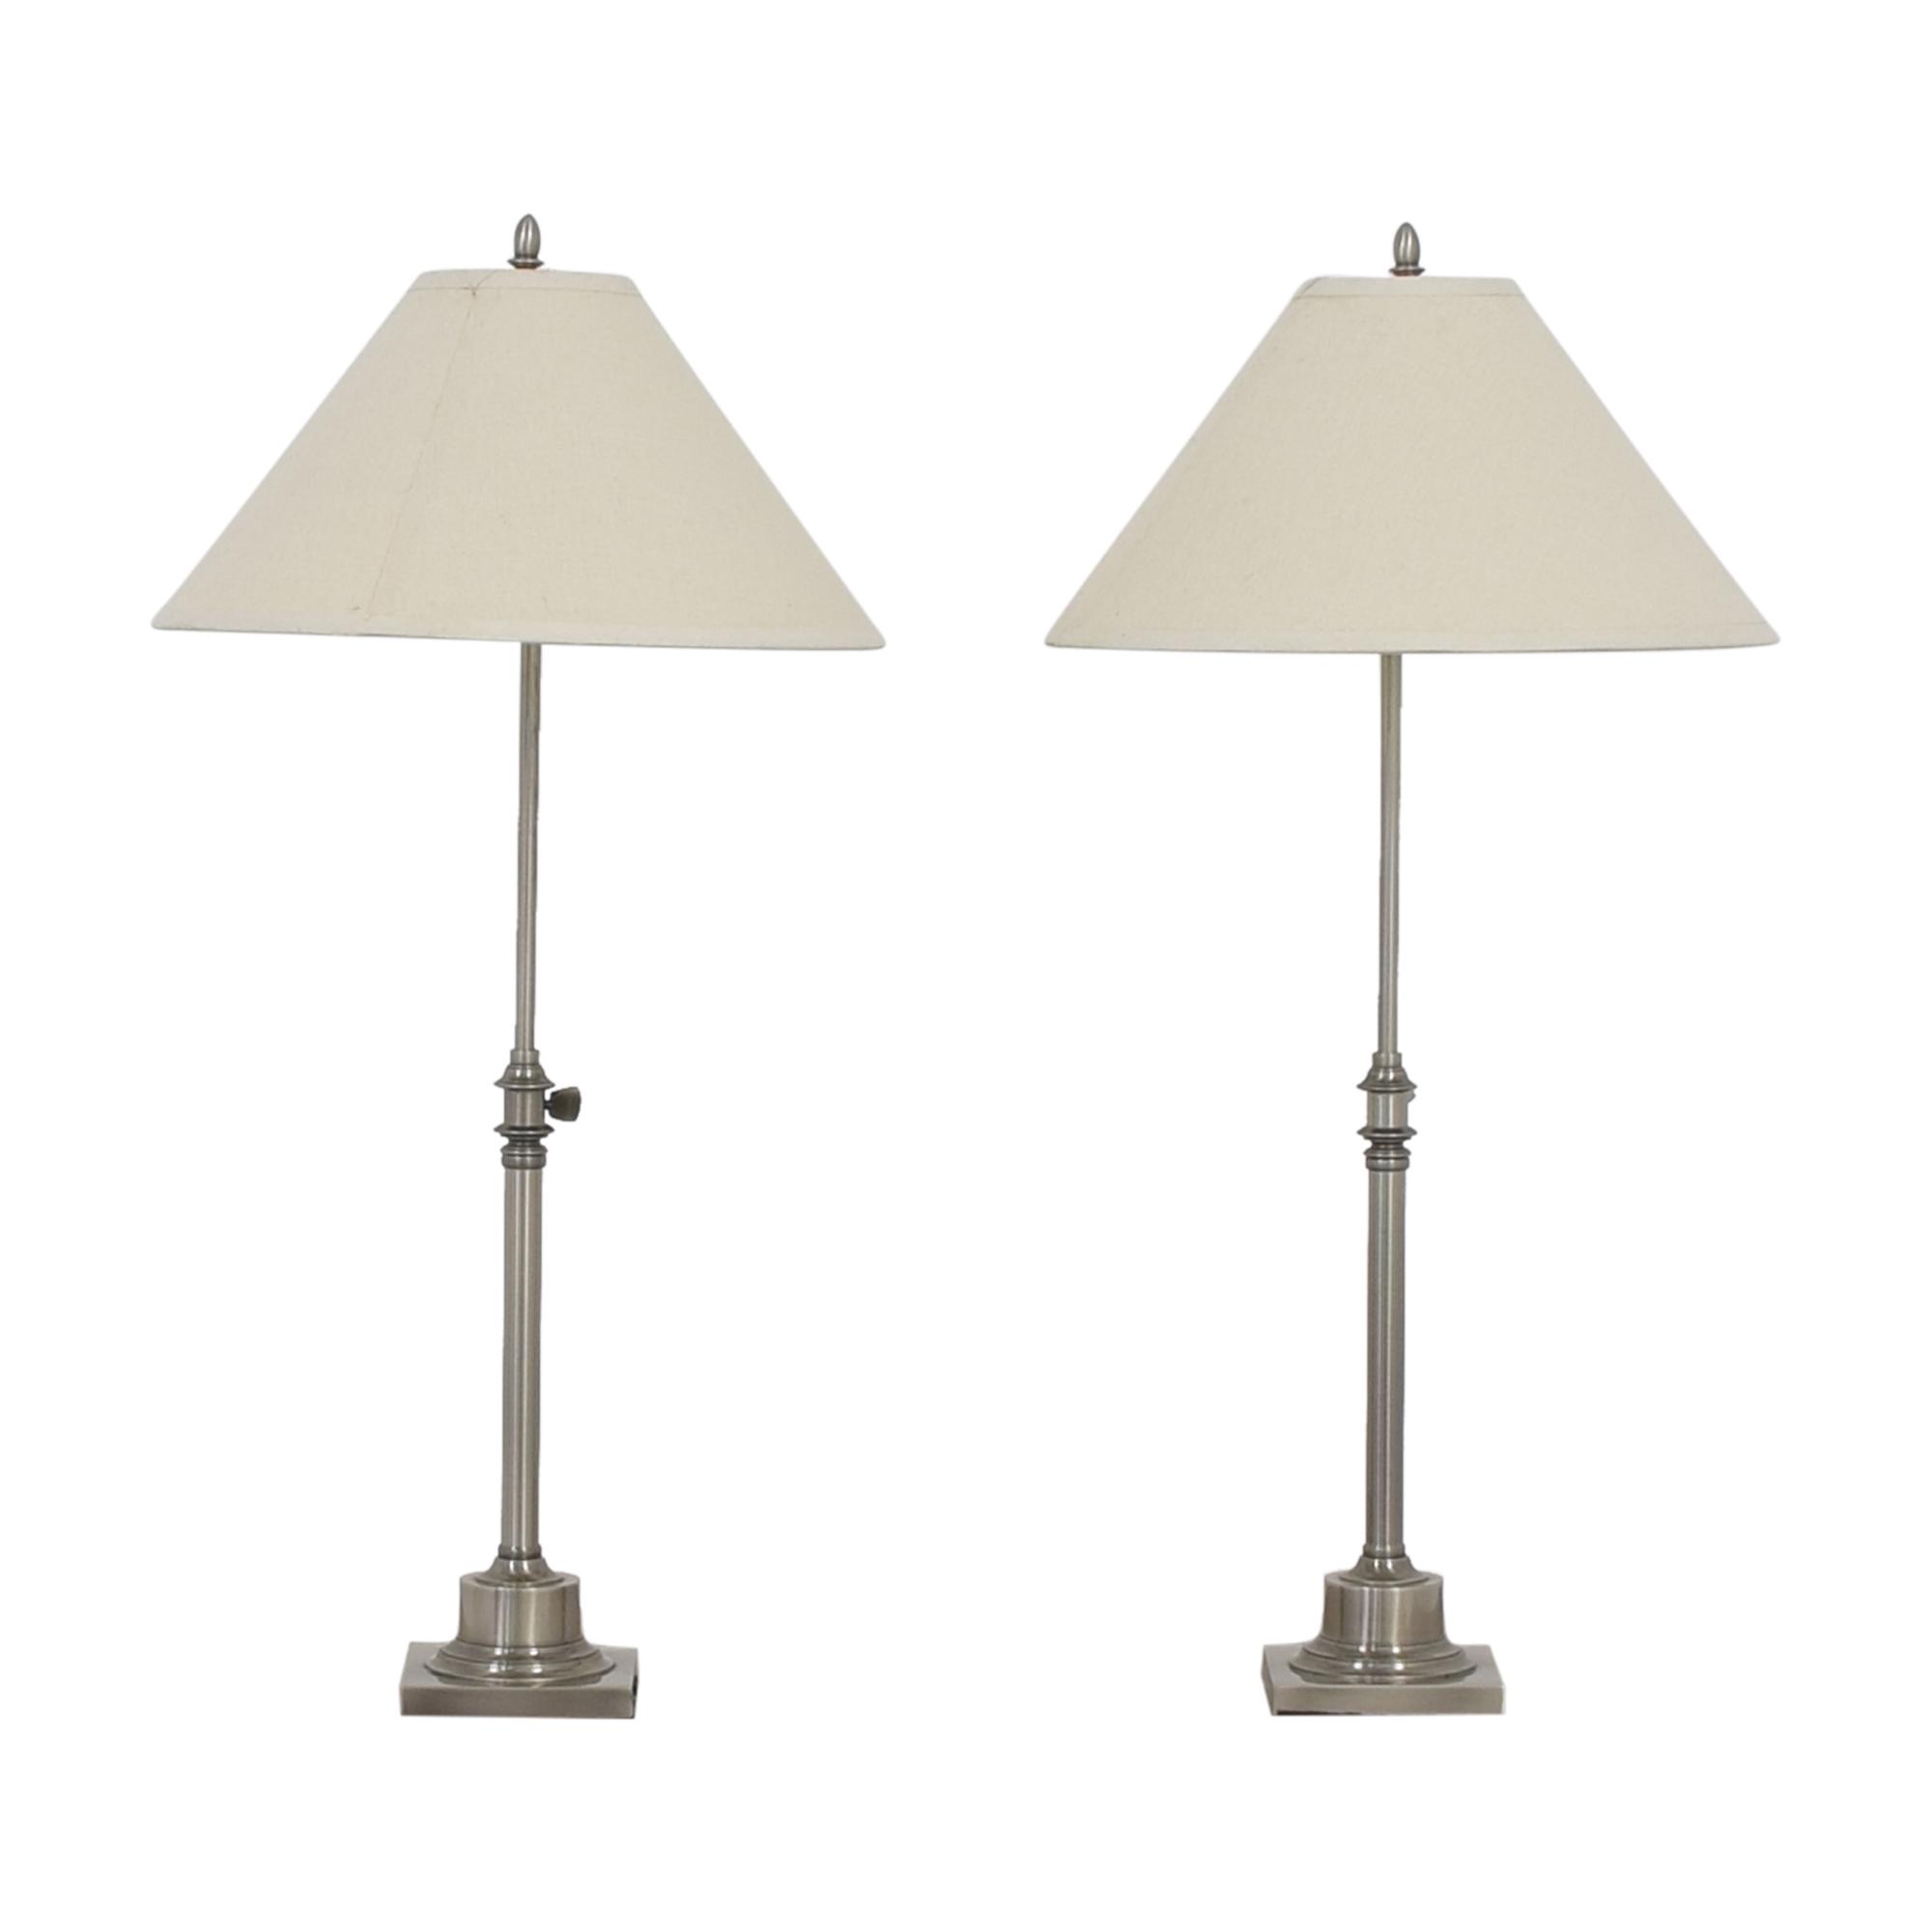 buy Restoration Hardware Adjustable Table Lamps Restoration Hardware Decor